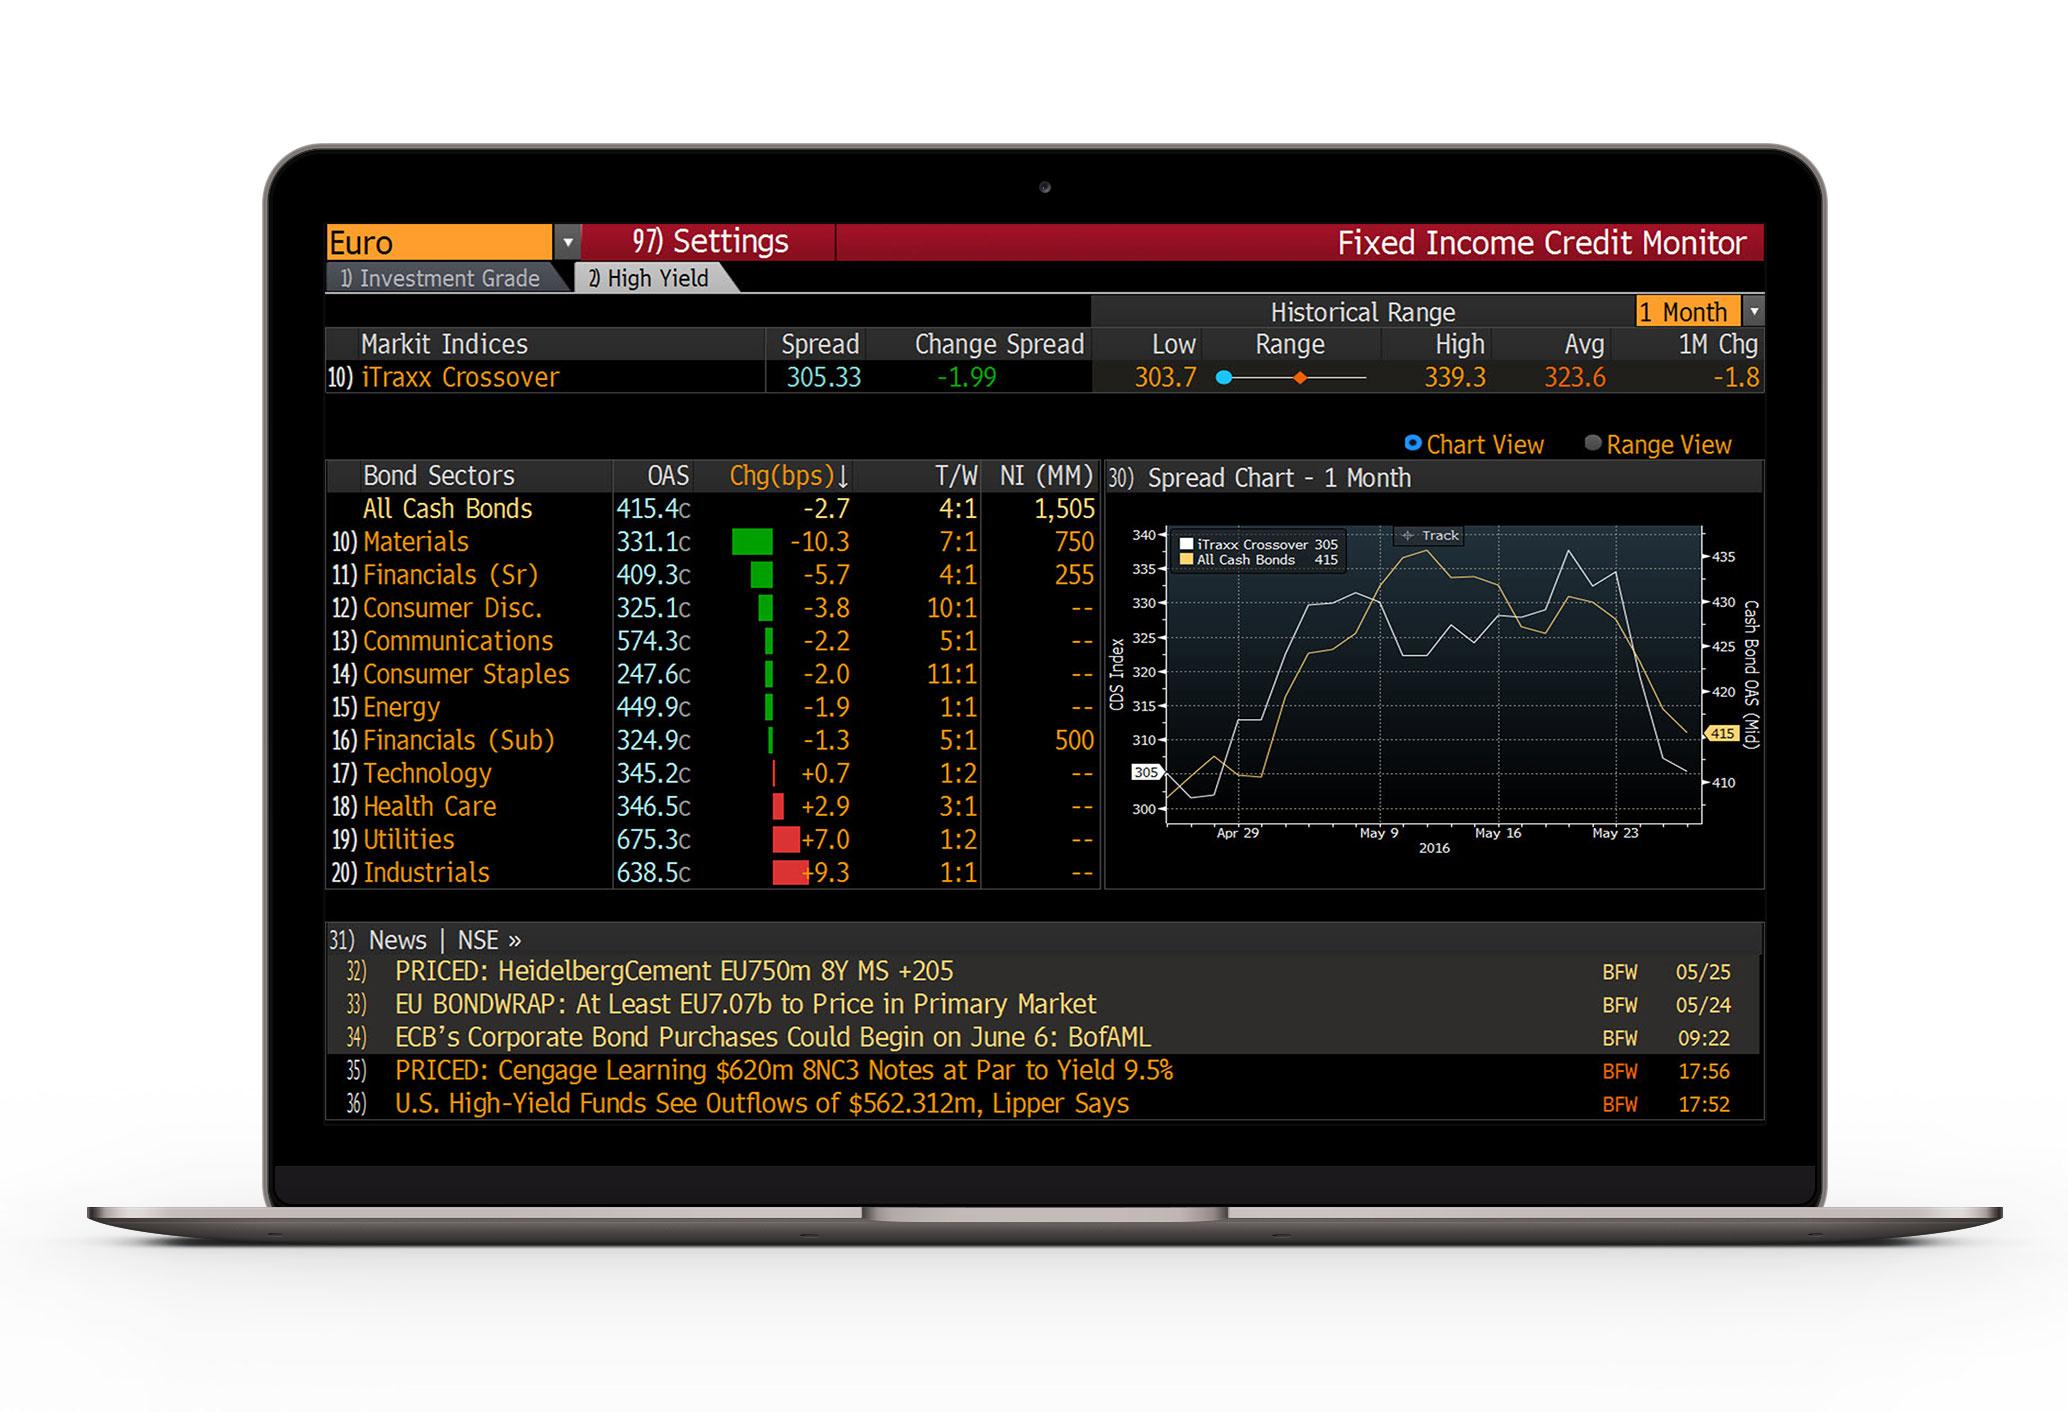 bba-screenshot